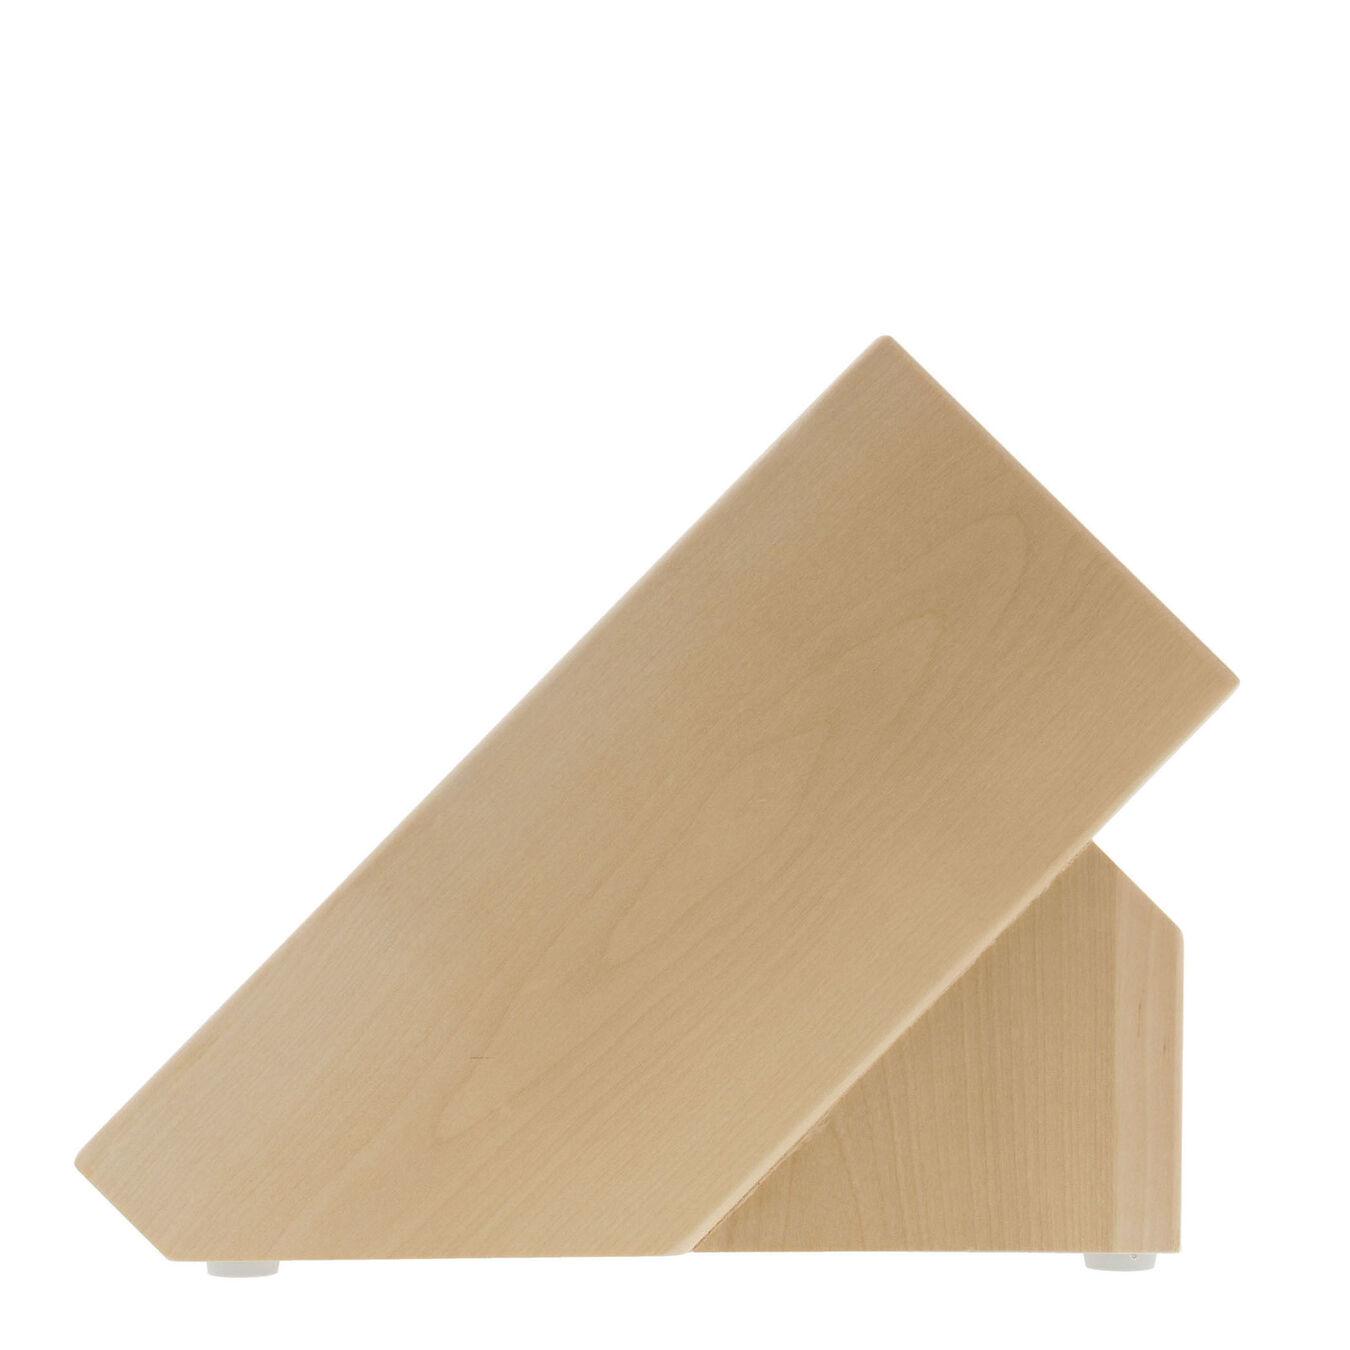 Ash, Knife storage,,large 5